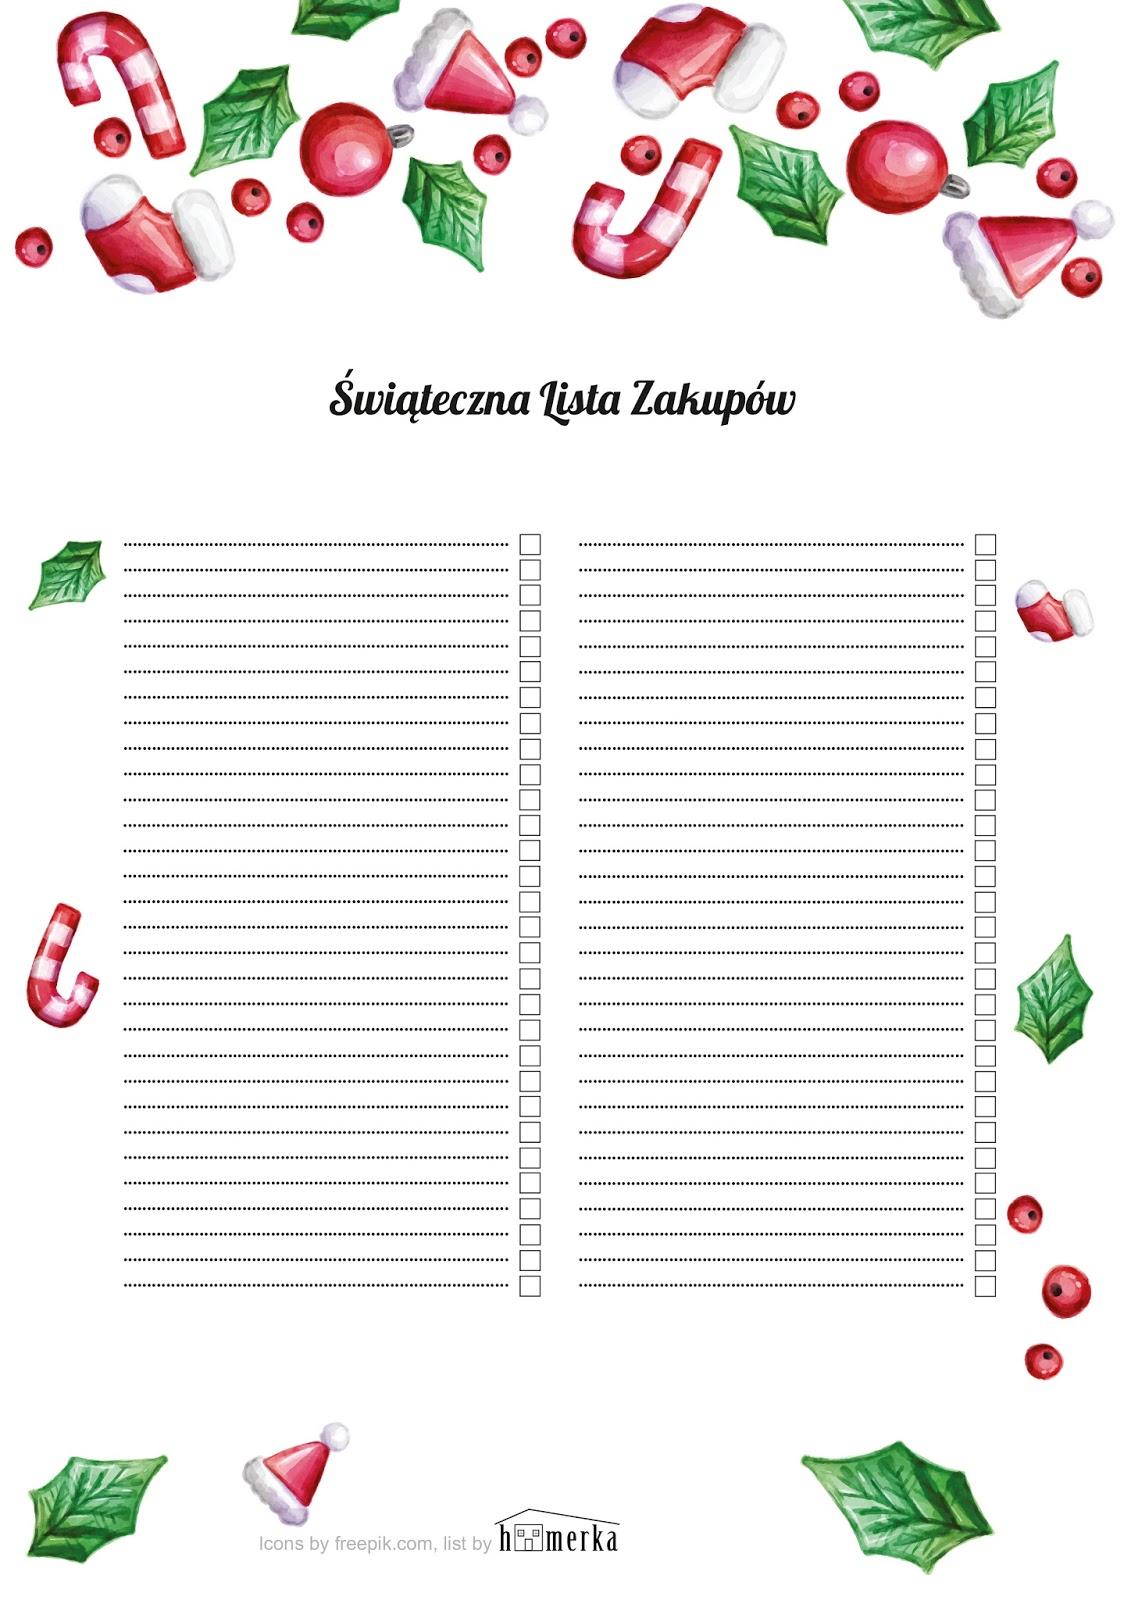 Świąteczna lista zakupów do pobrania w 3 wersjach